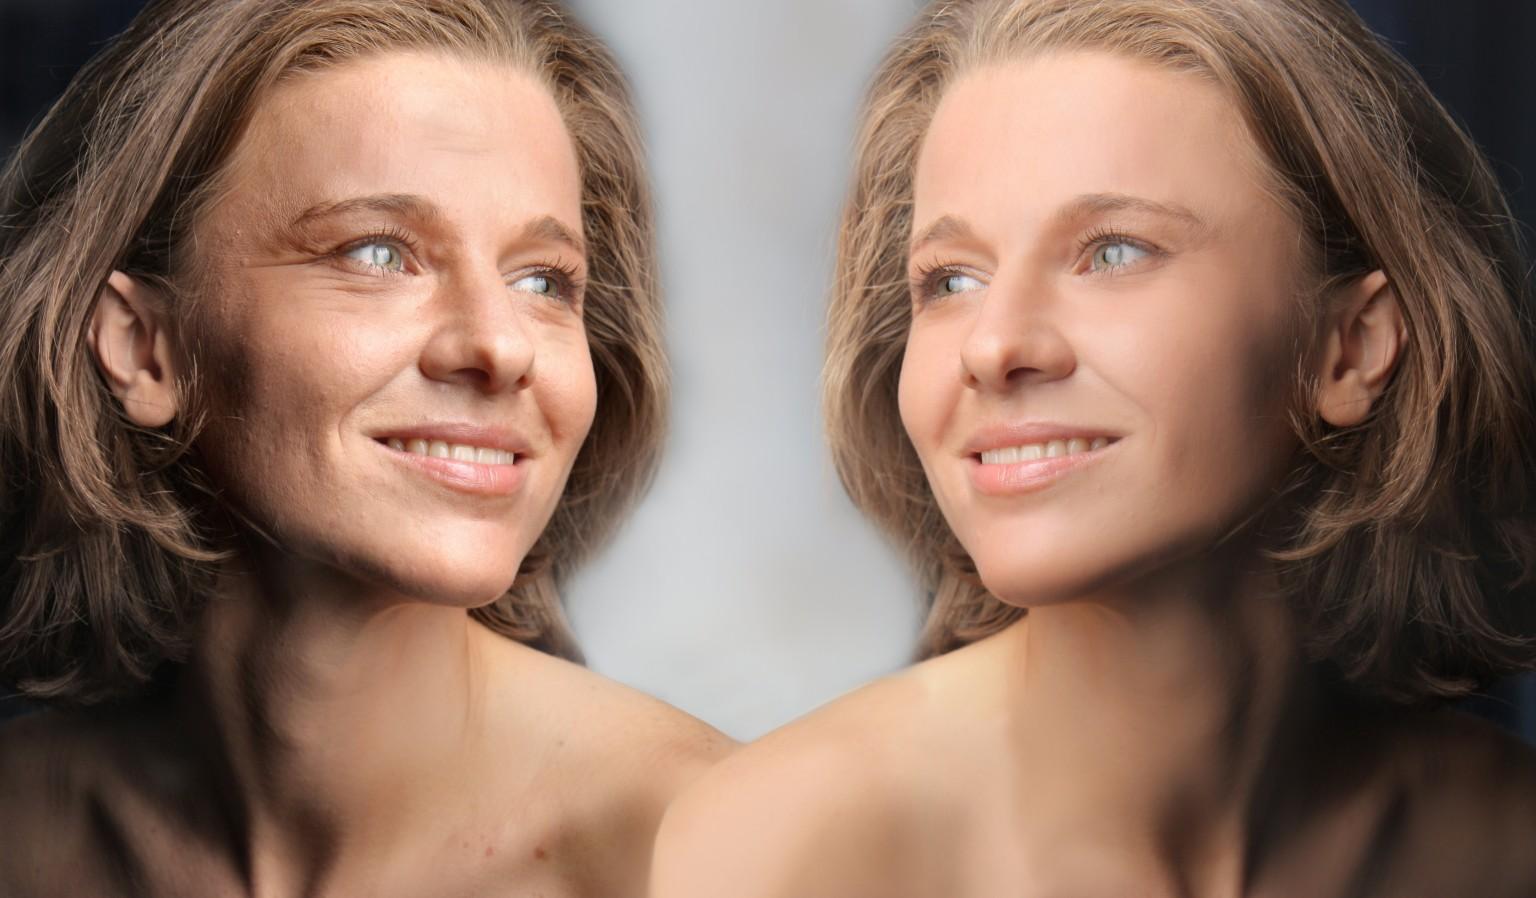 Омолаживающие кремы восстанавливают кожный покров лица